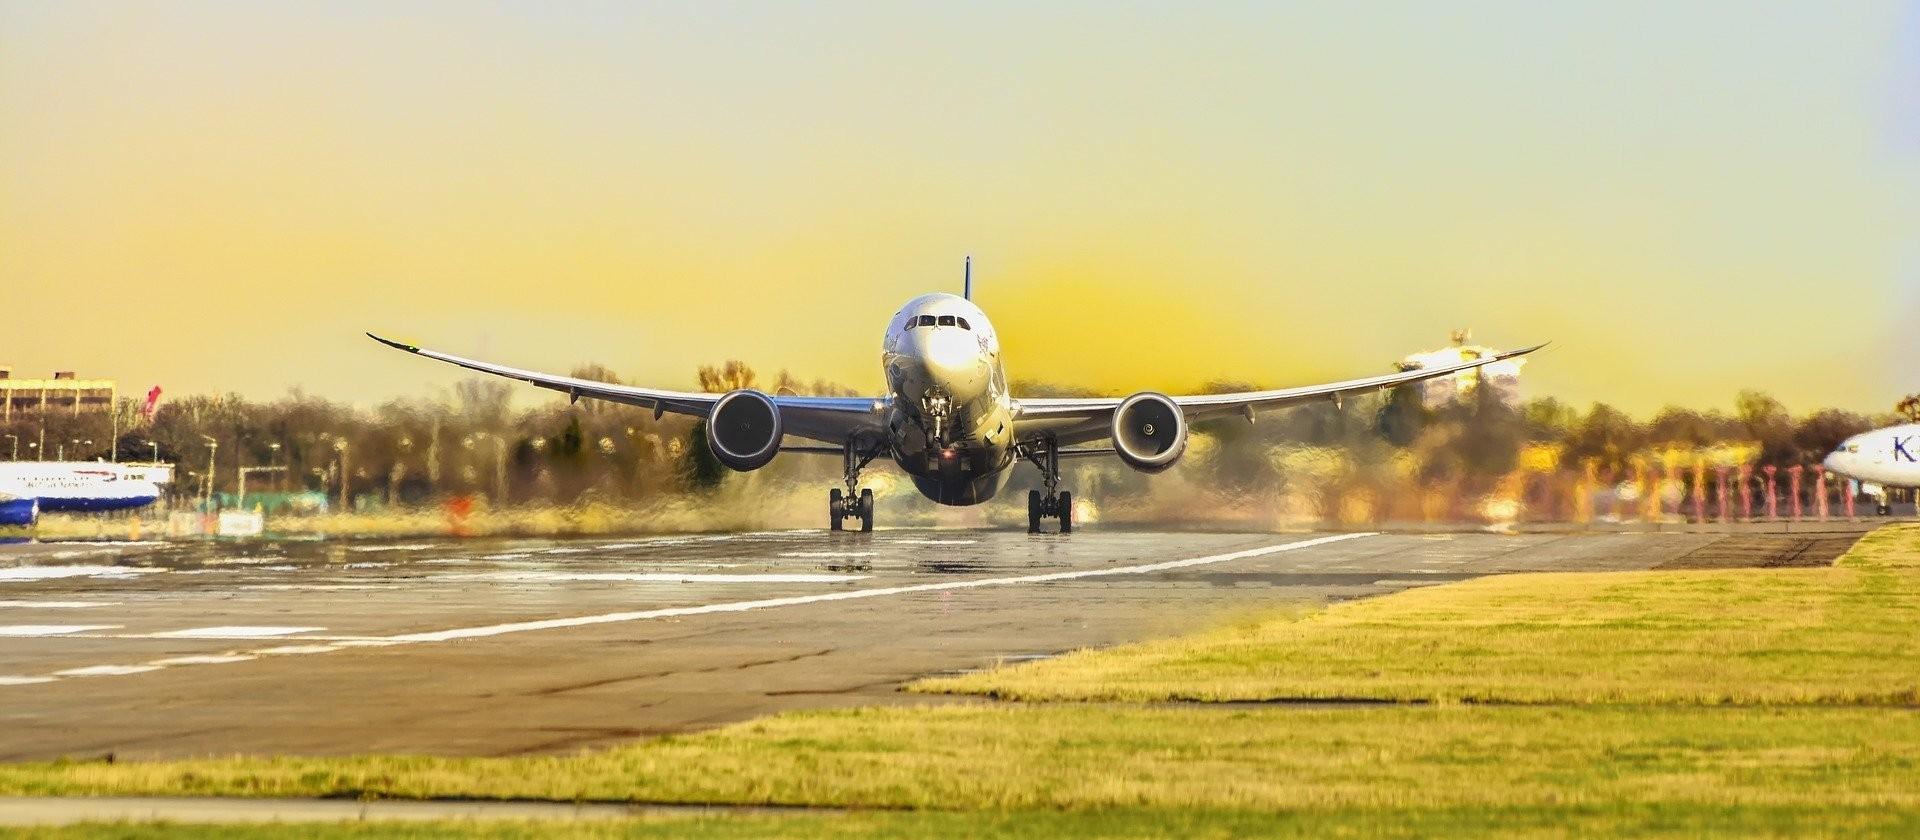 Demanda por viagens aéreas domésticas cai 32,84% em março ante um ano, diz Abear